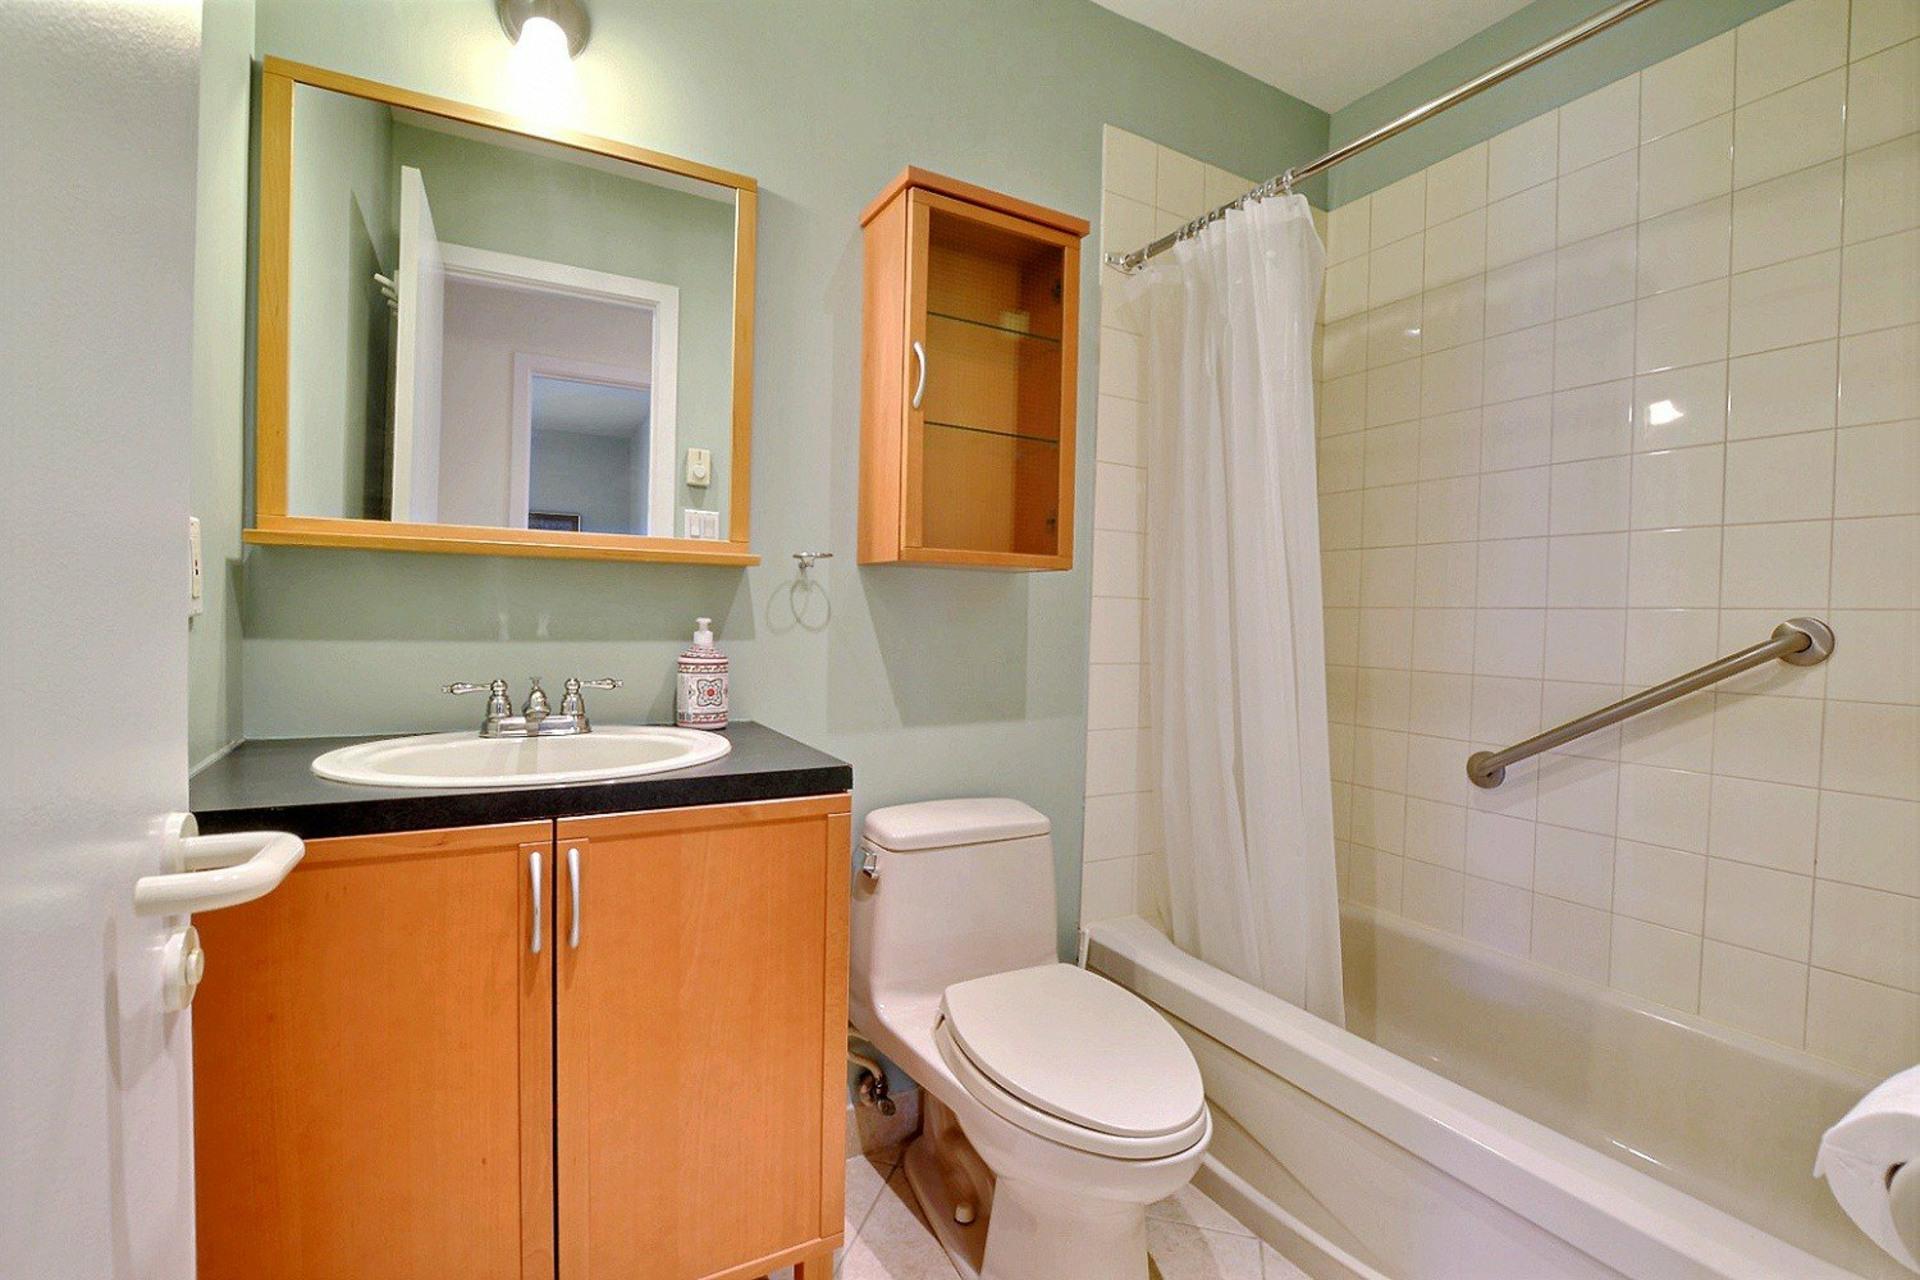 image 12 - Appartement À vendre Montréal Ahuntsic-Cartierville  - 7 pièces